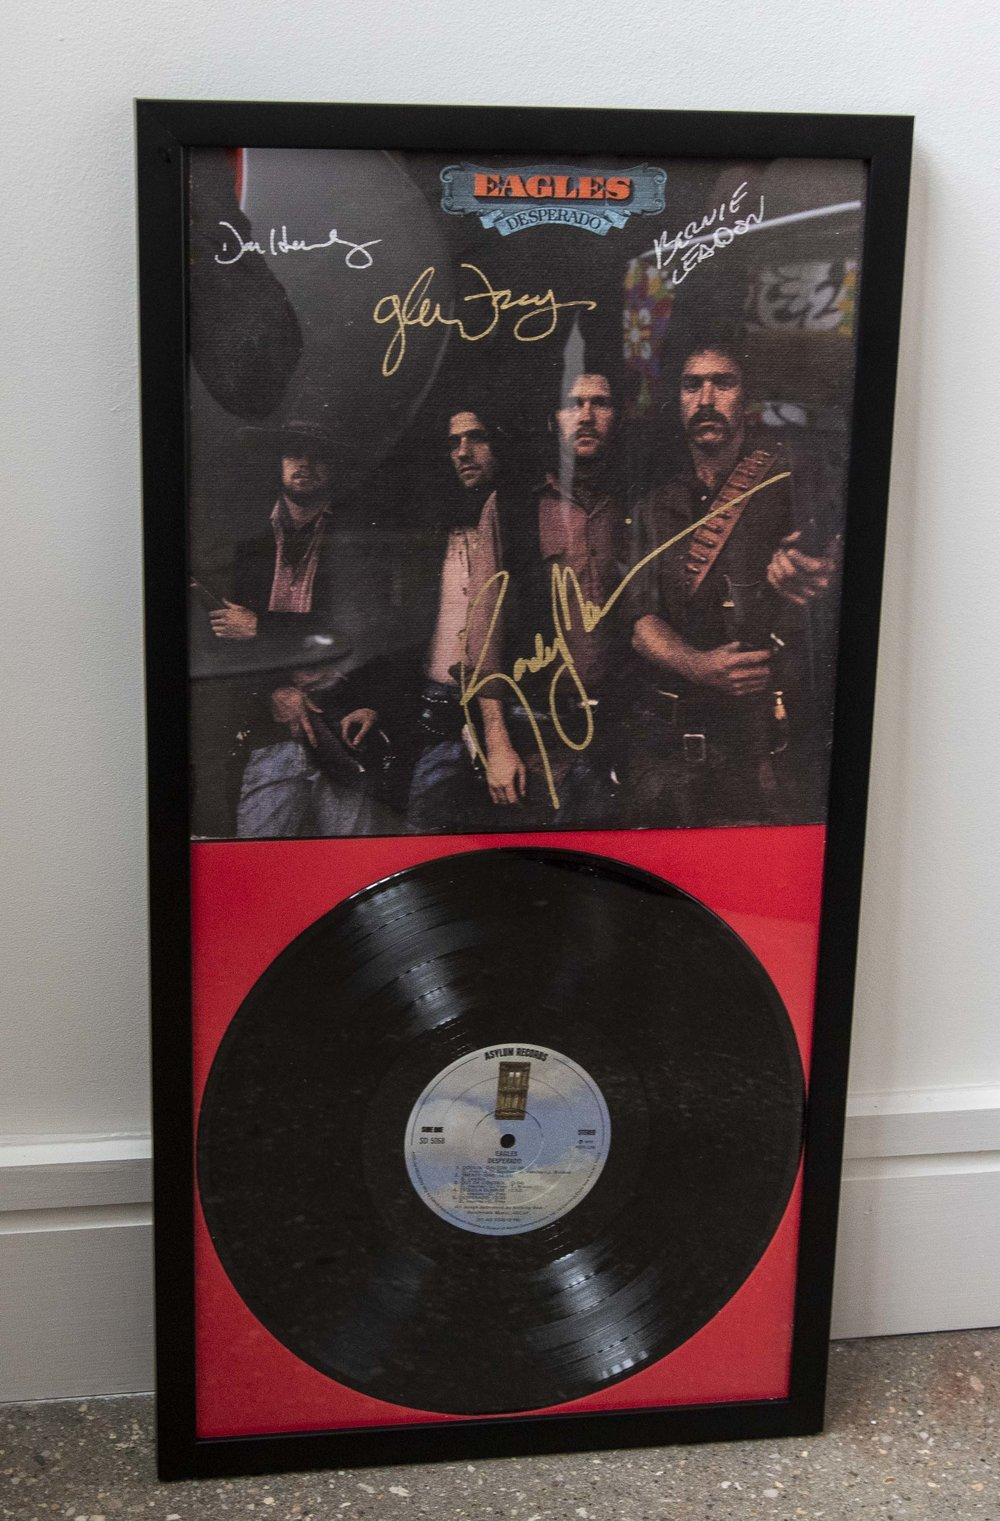 The Eagles Signed Album - Desperado